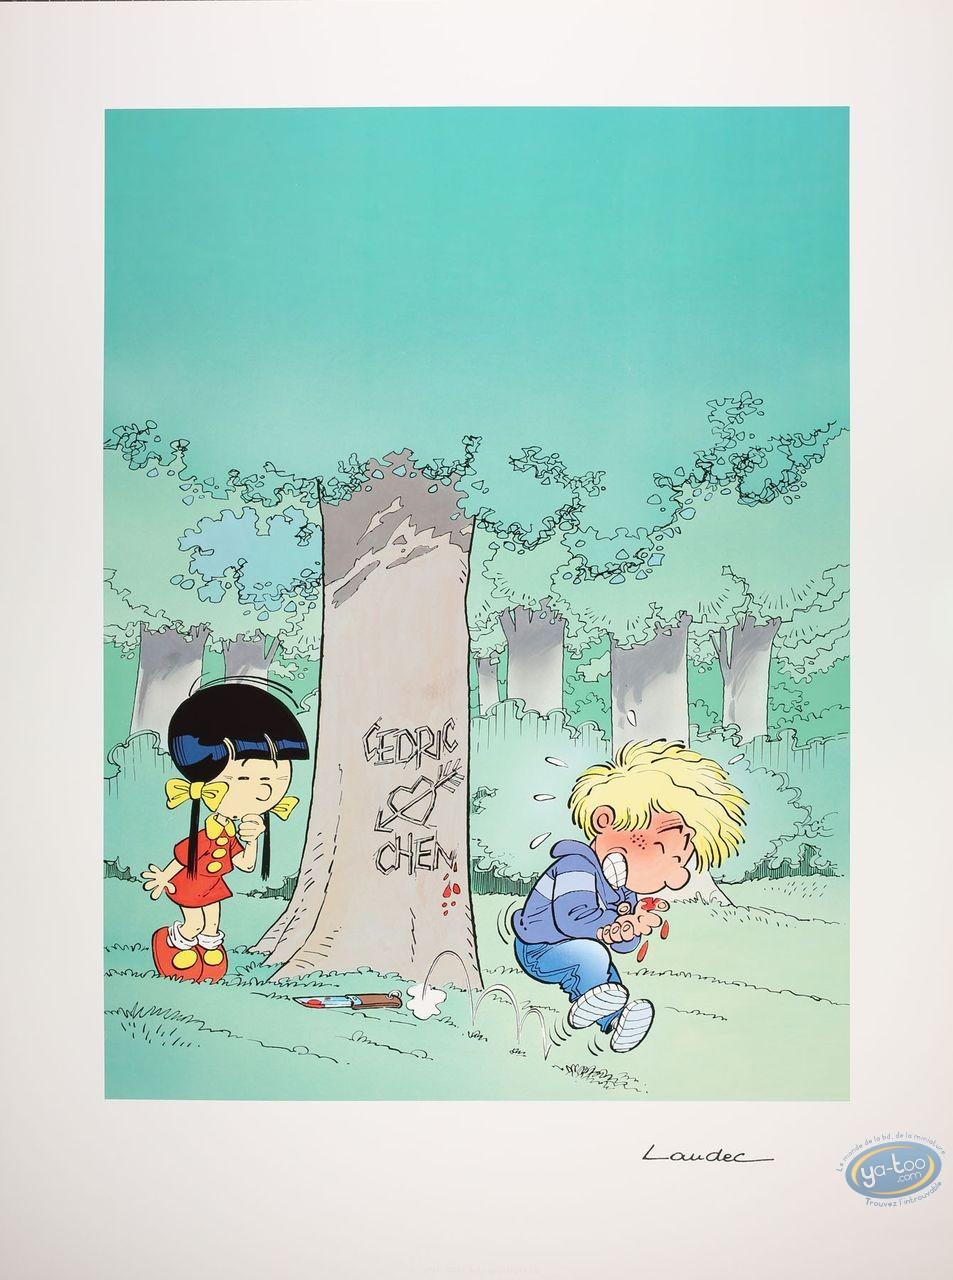 Affiche Offset, Cédric : Cédric aime Chen